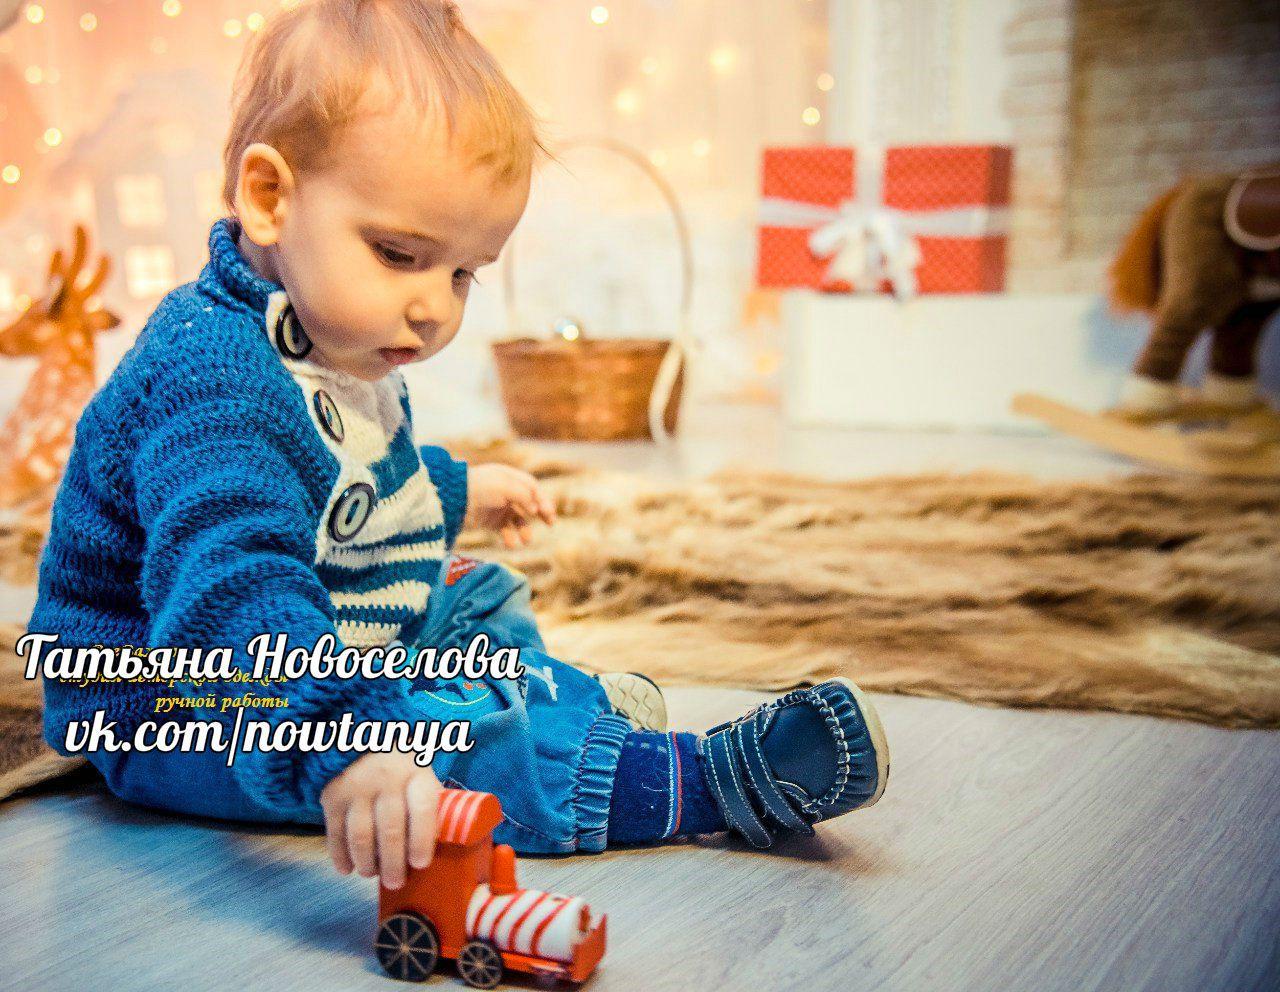 своимируками детям ручнаяработа деткам nowtanya кофта длямалышей свитерок маленькиммужчинам